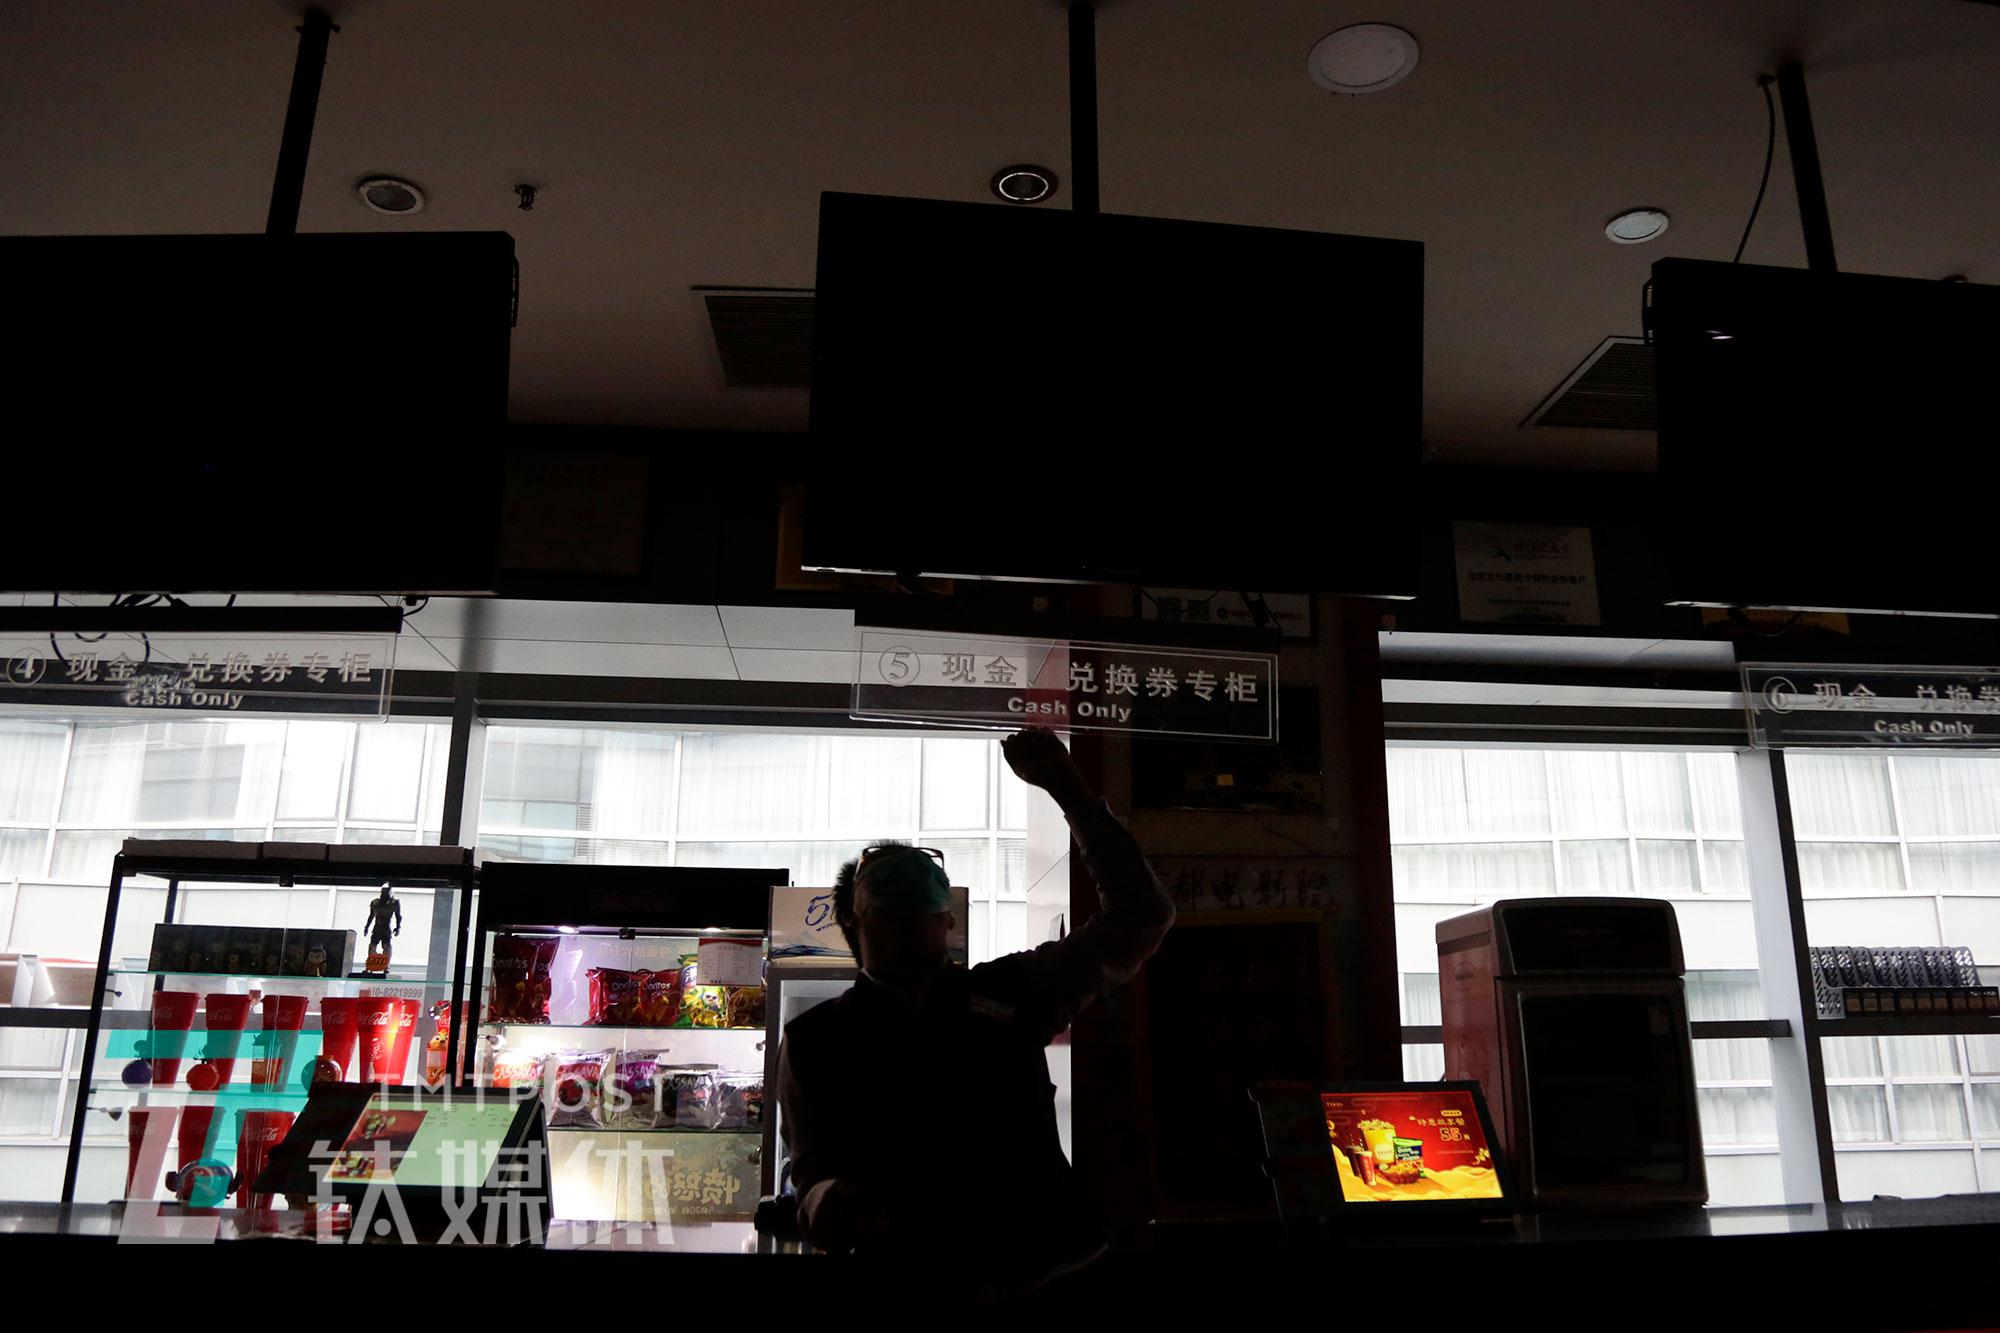 5月8日,北京,首都电影院工作人员调试设备。